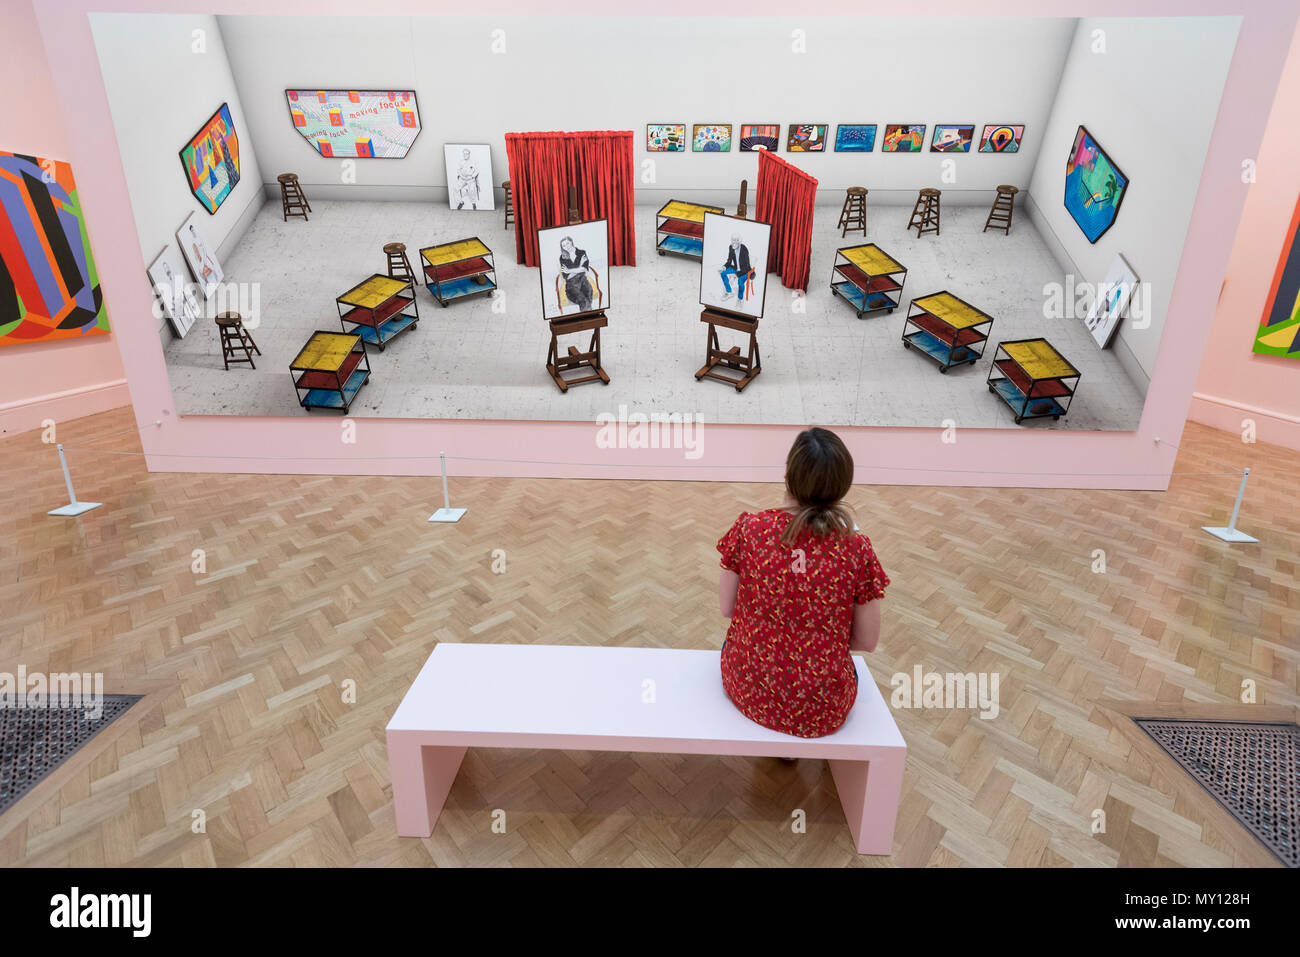 David Hockney Artwork Imágenes De Stock & David Hockney Artwork ...